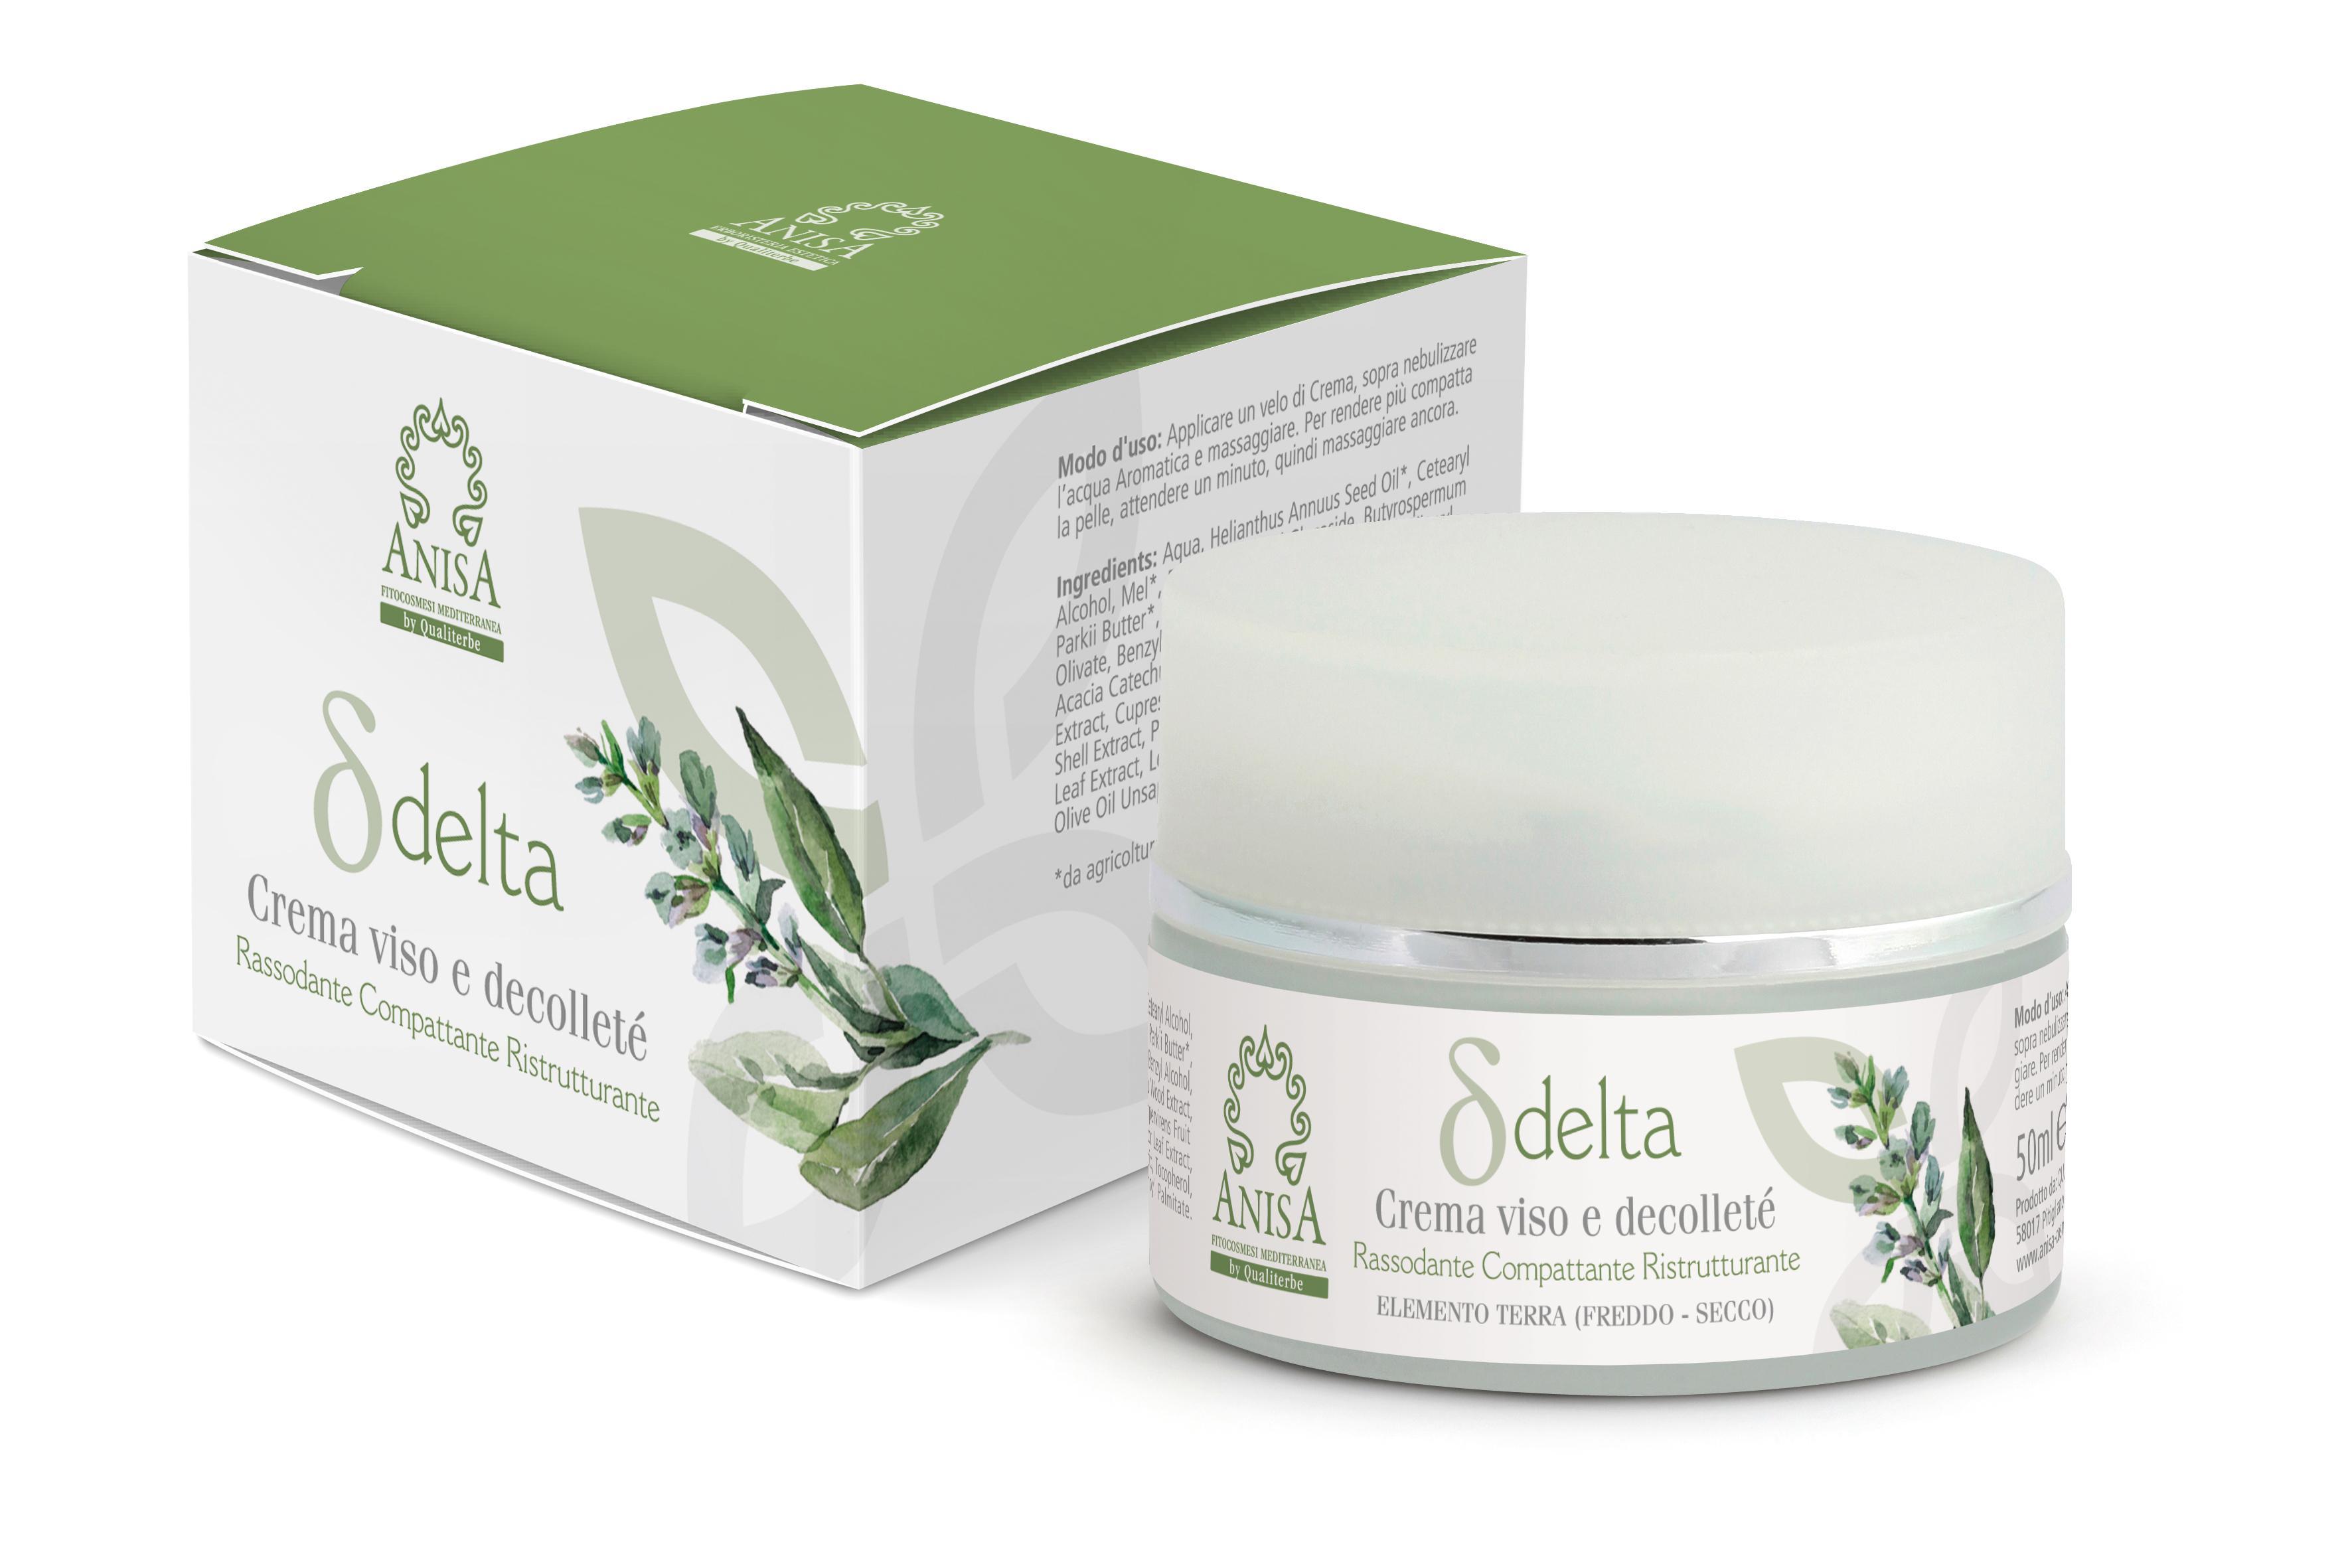 Crema Delta 50ml Viso e Decolletè Superior Texture Linea Professionale ANISA by Qualiterbe